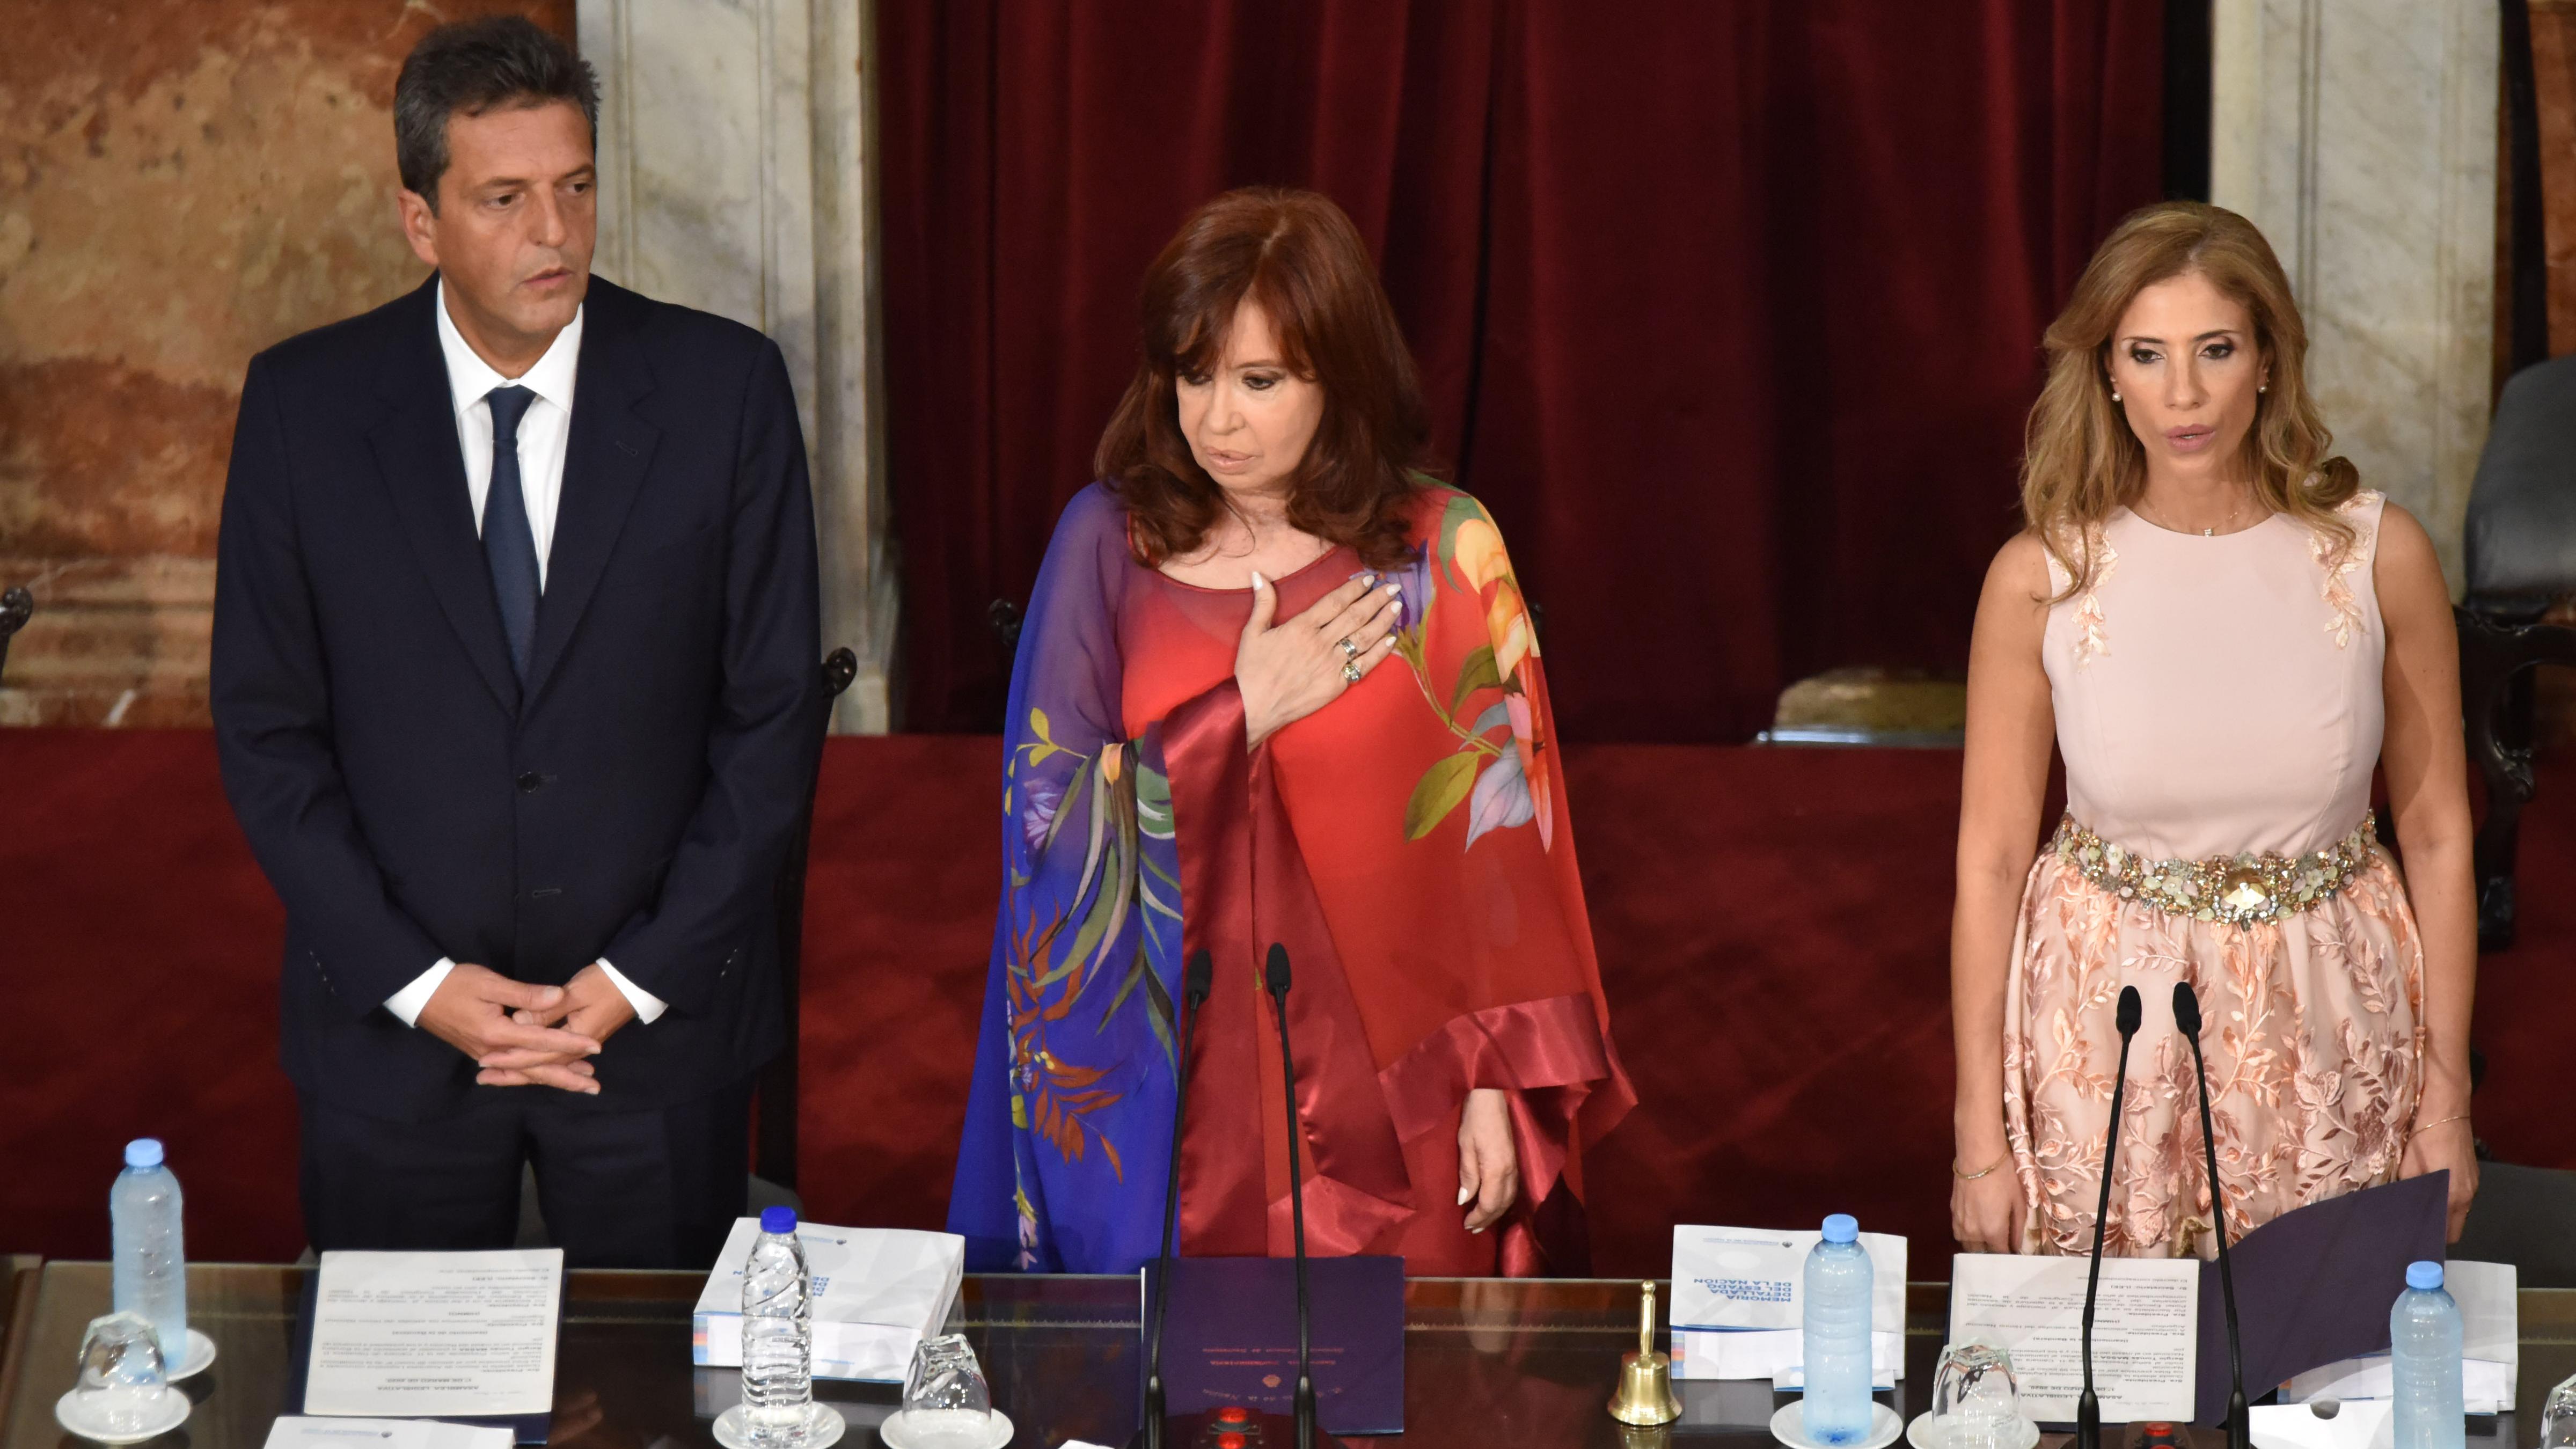 Diez minutos antes de las once de la mañana, Cristina Kirchner ingresó al Congreso de la Nación para presidir la Asamblea Legislativa en la que Alberto Fernández dará su primer mensaje como Presidente en una apertura de sesiones ordinarias